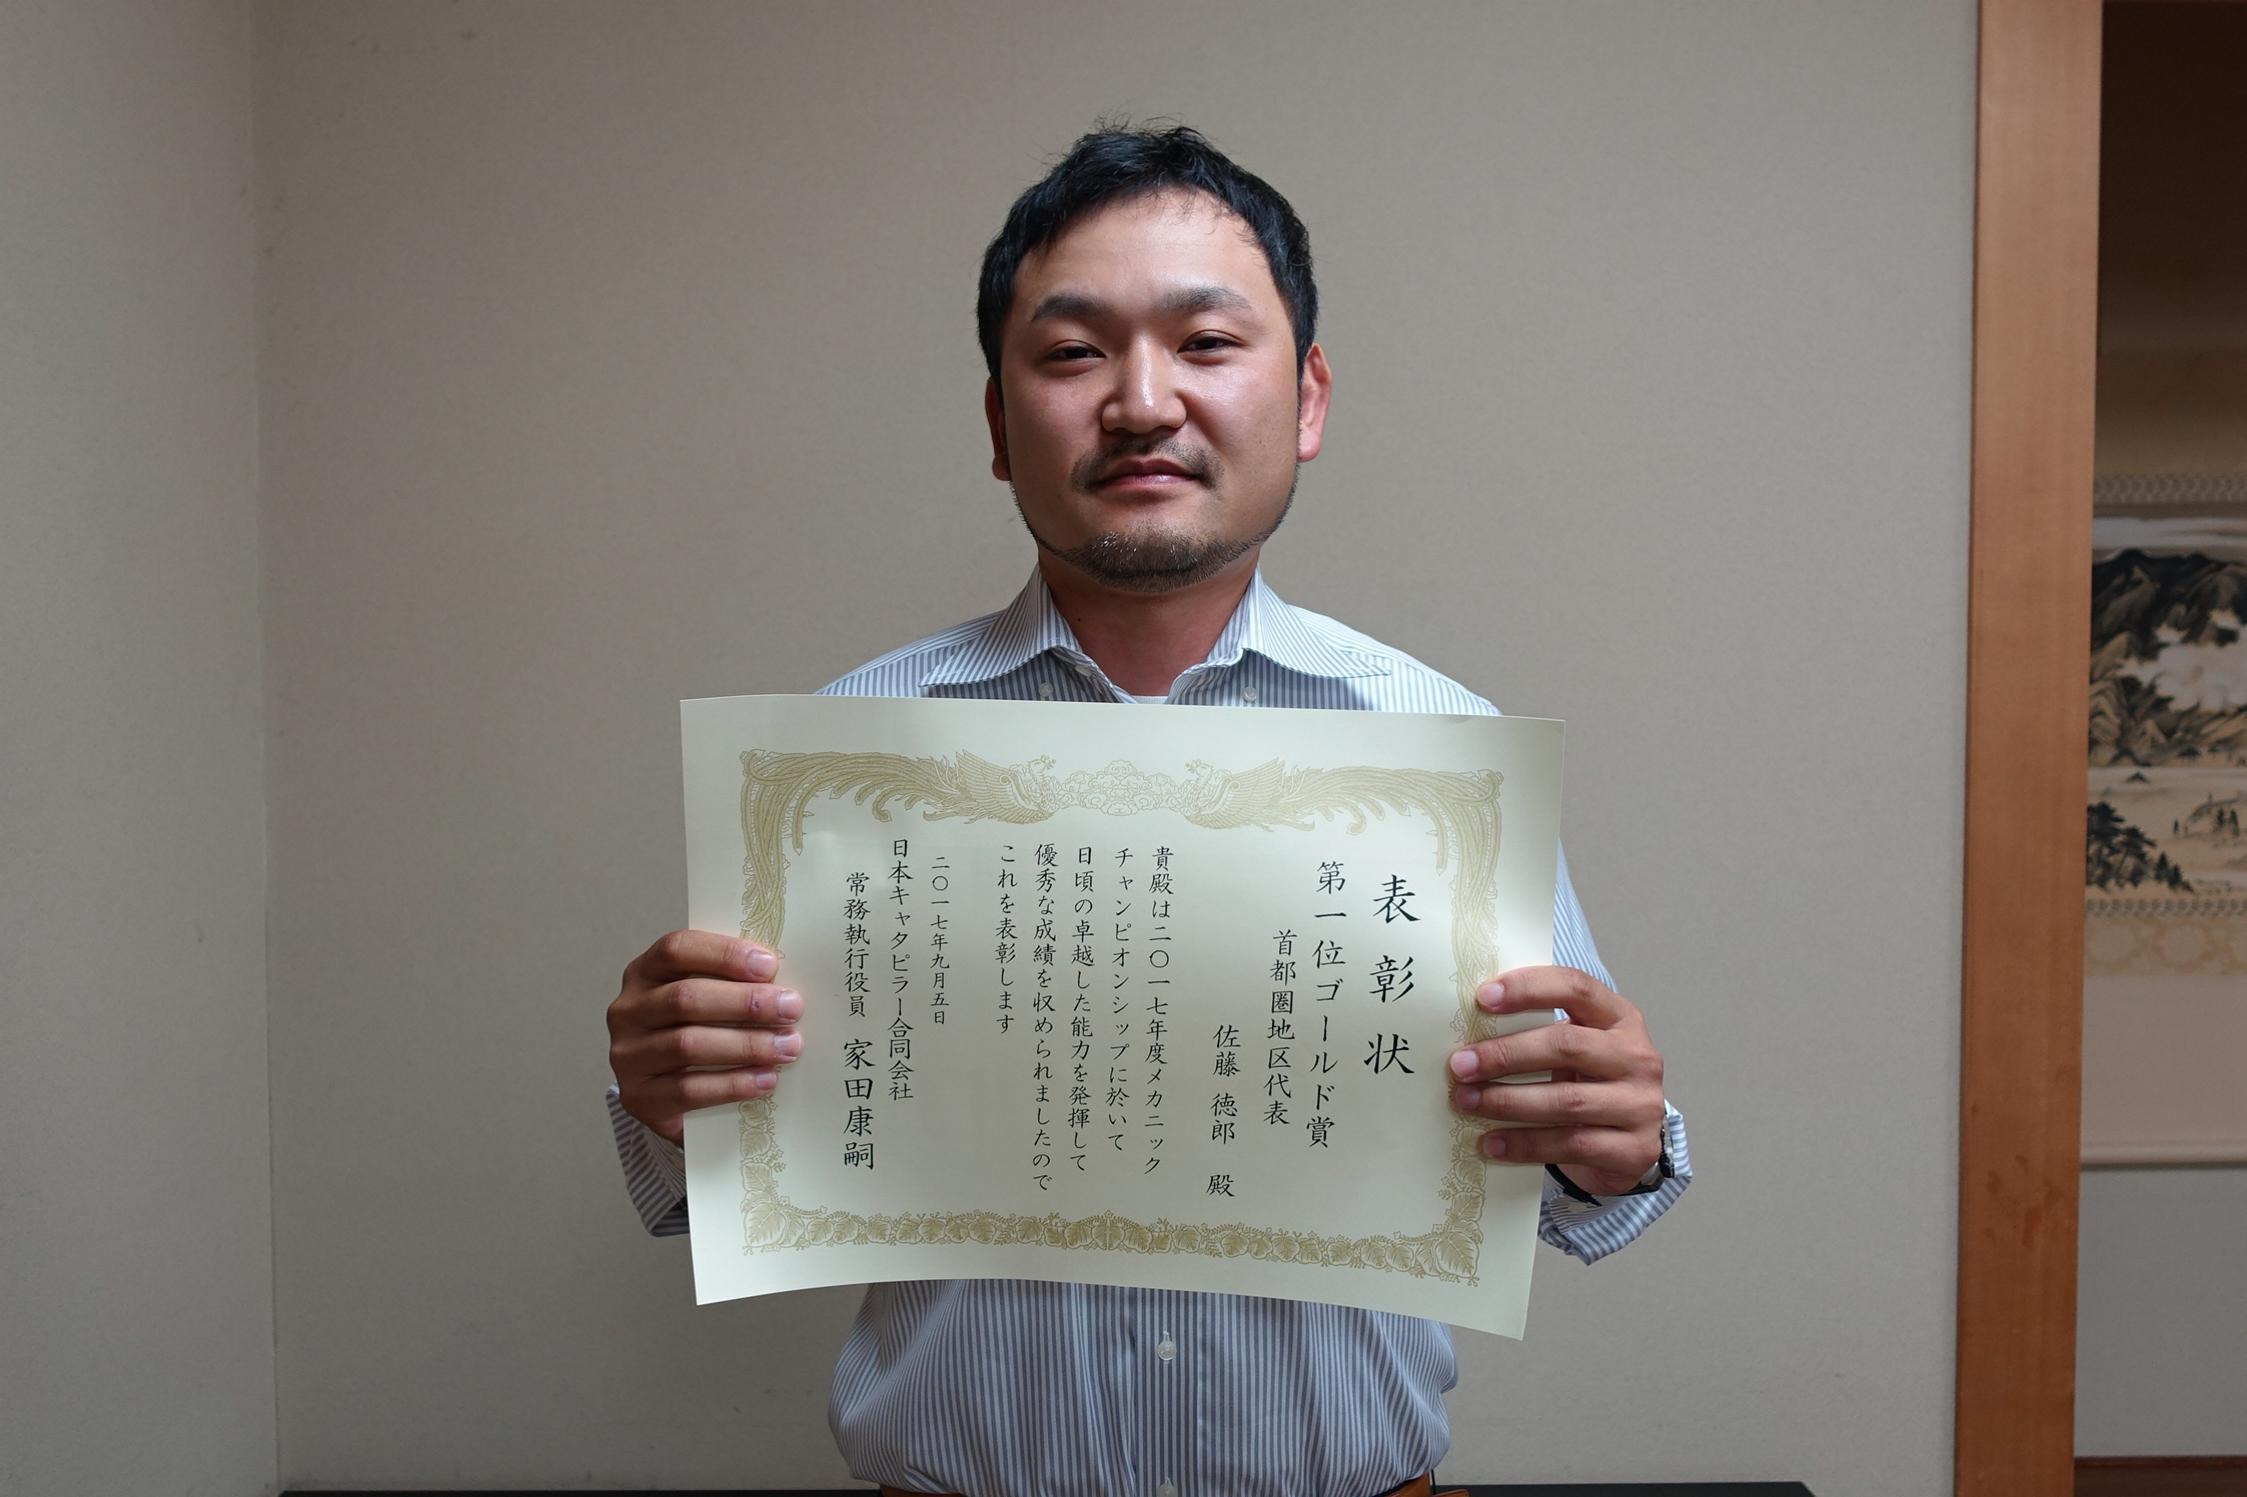 湘南営業所の佐藤メカニック